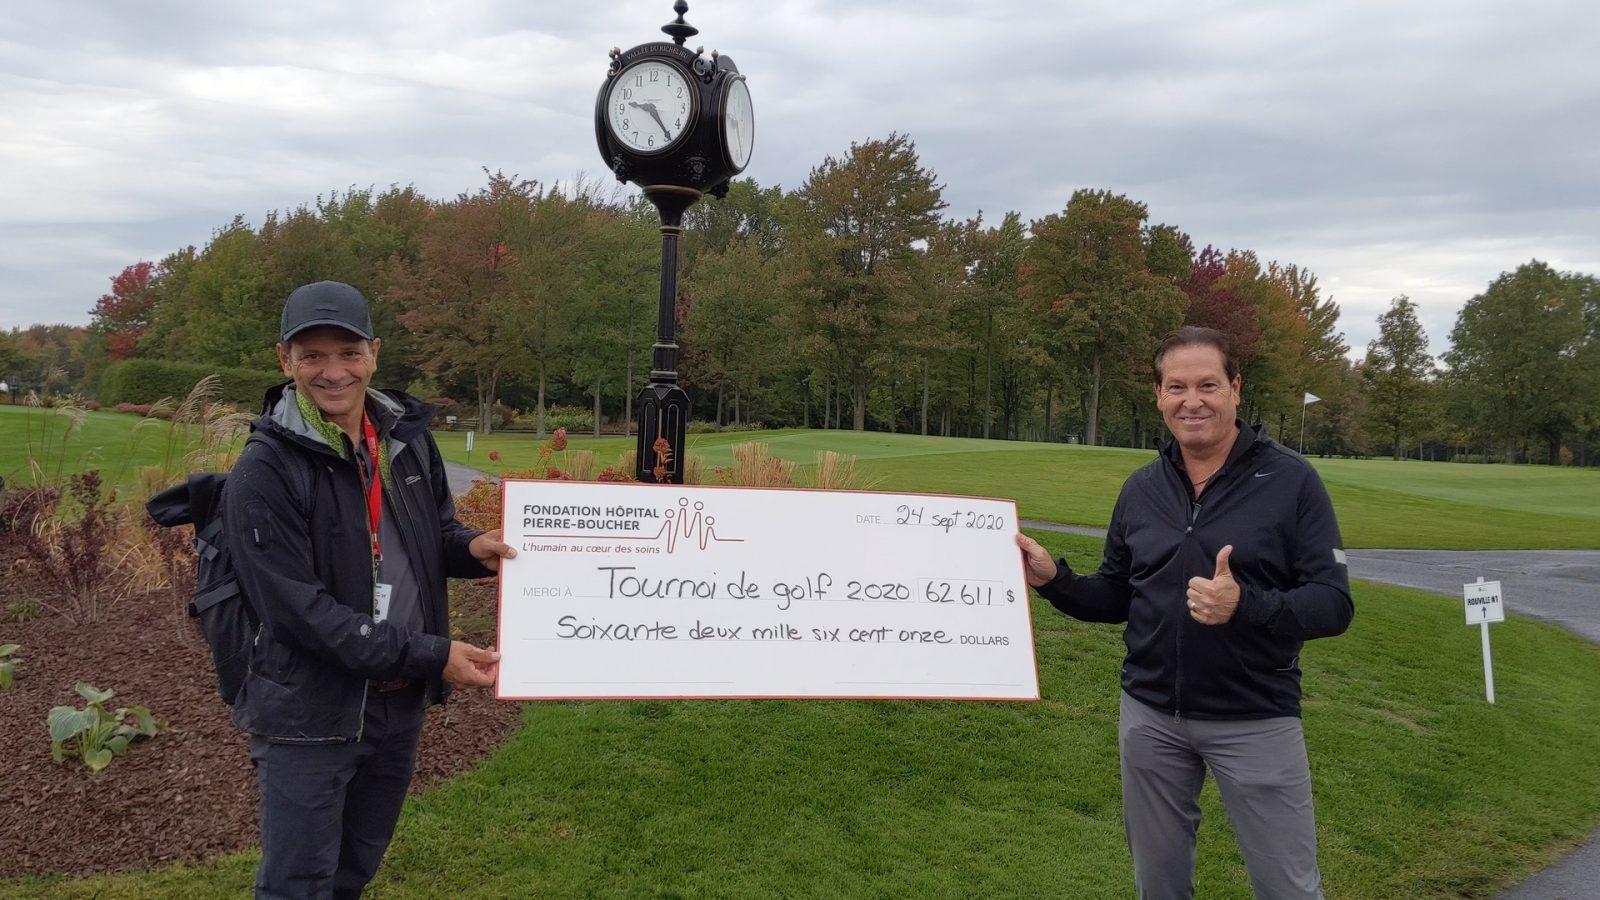 Le 31e tournoi de golf de la Fondation Hôpital Pierre-Boucher rapporte 62 000 $